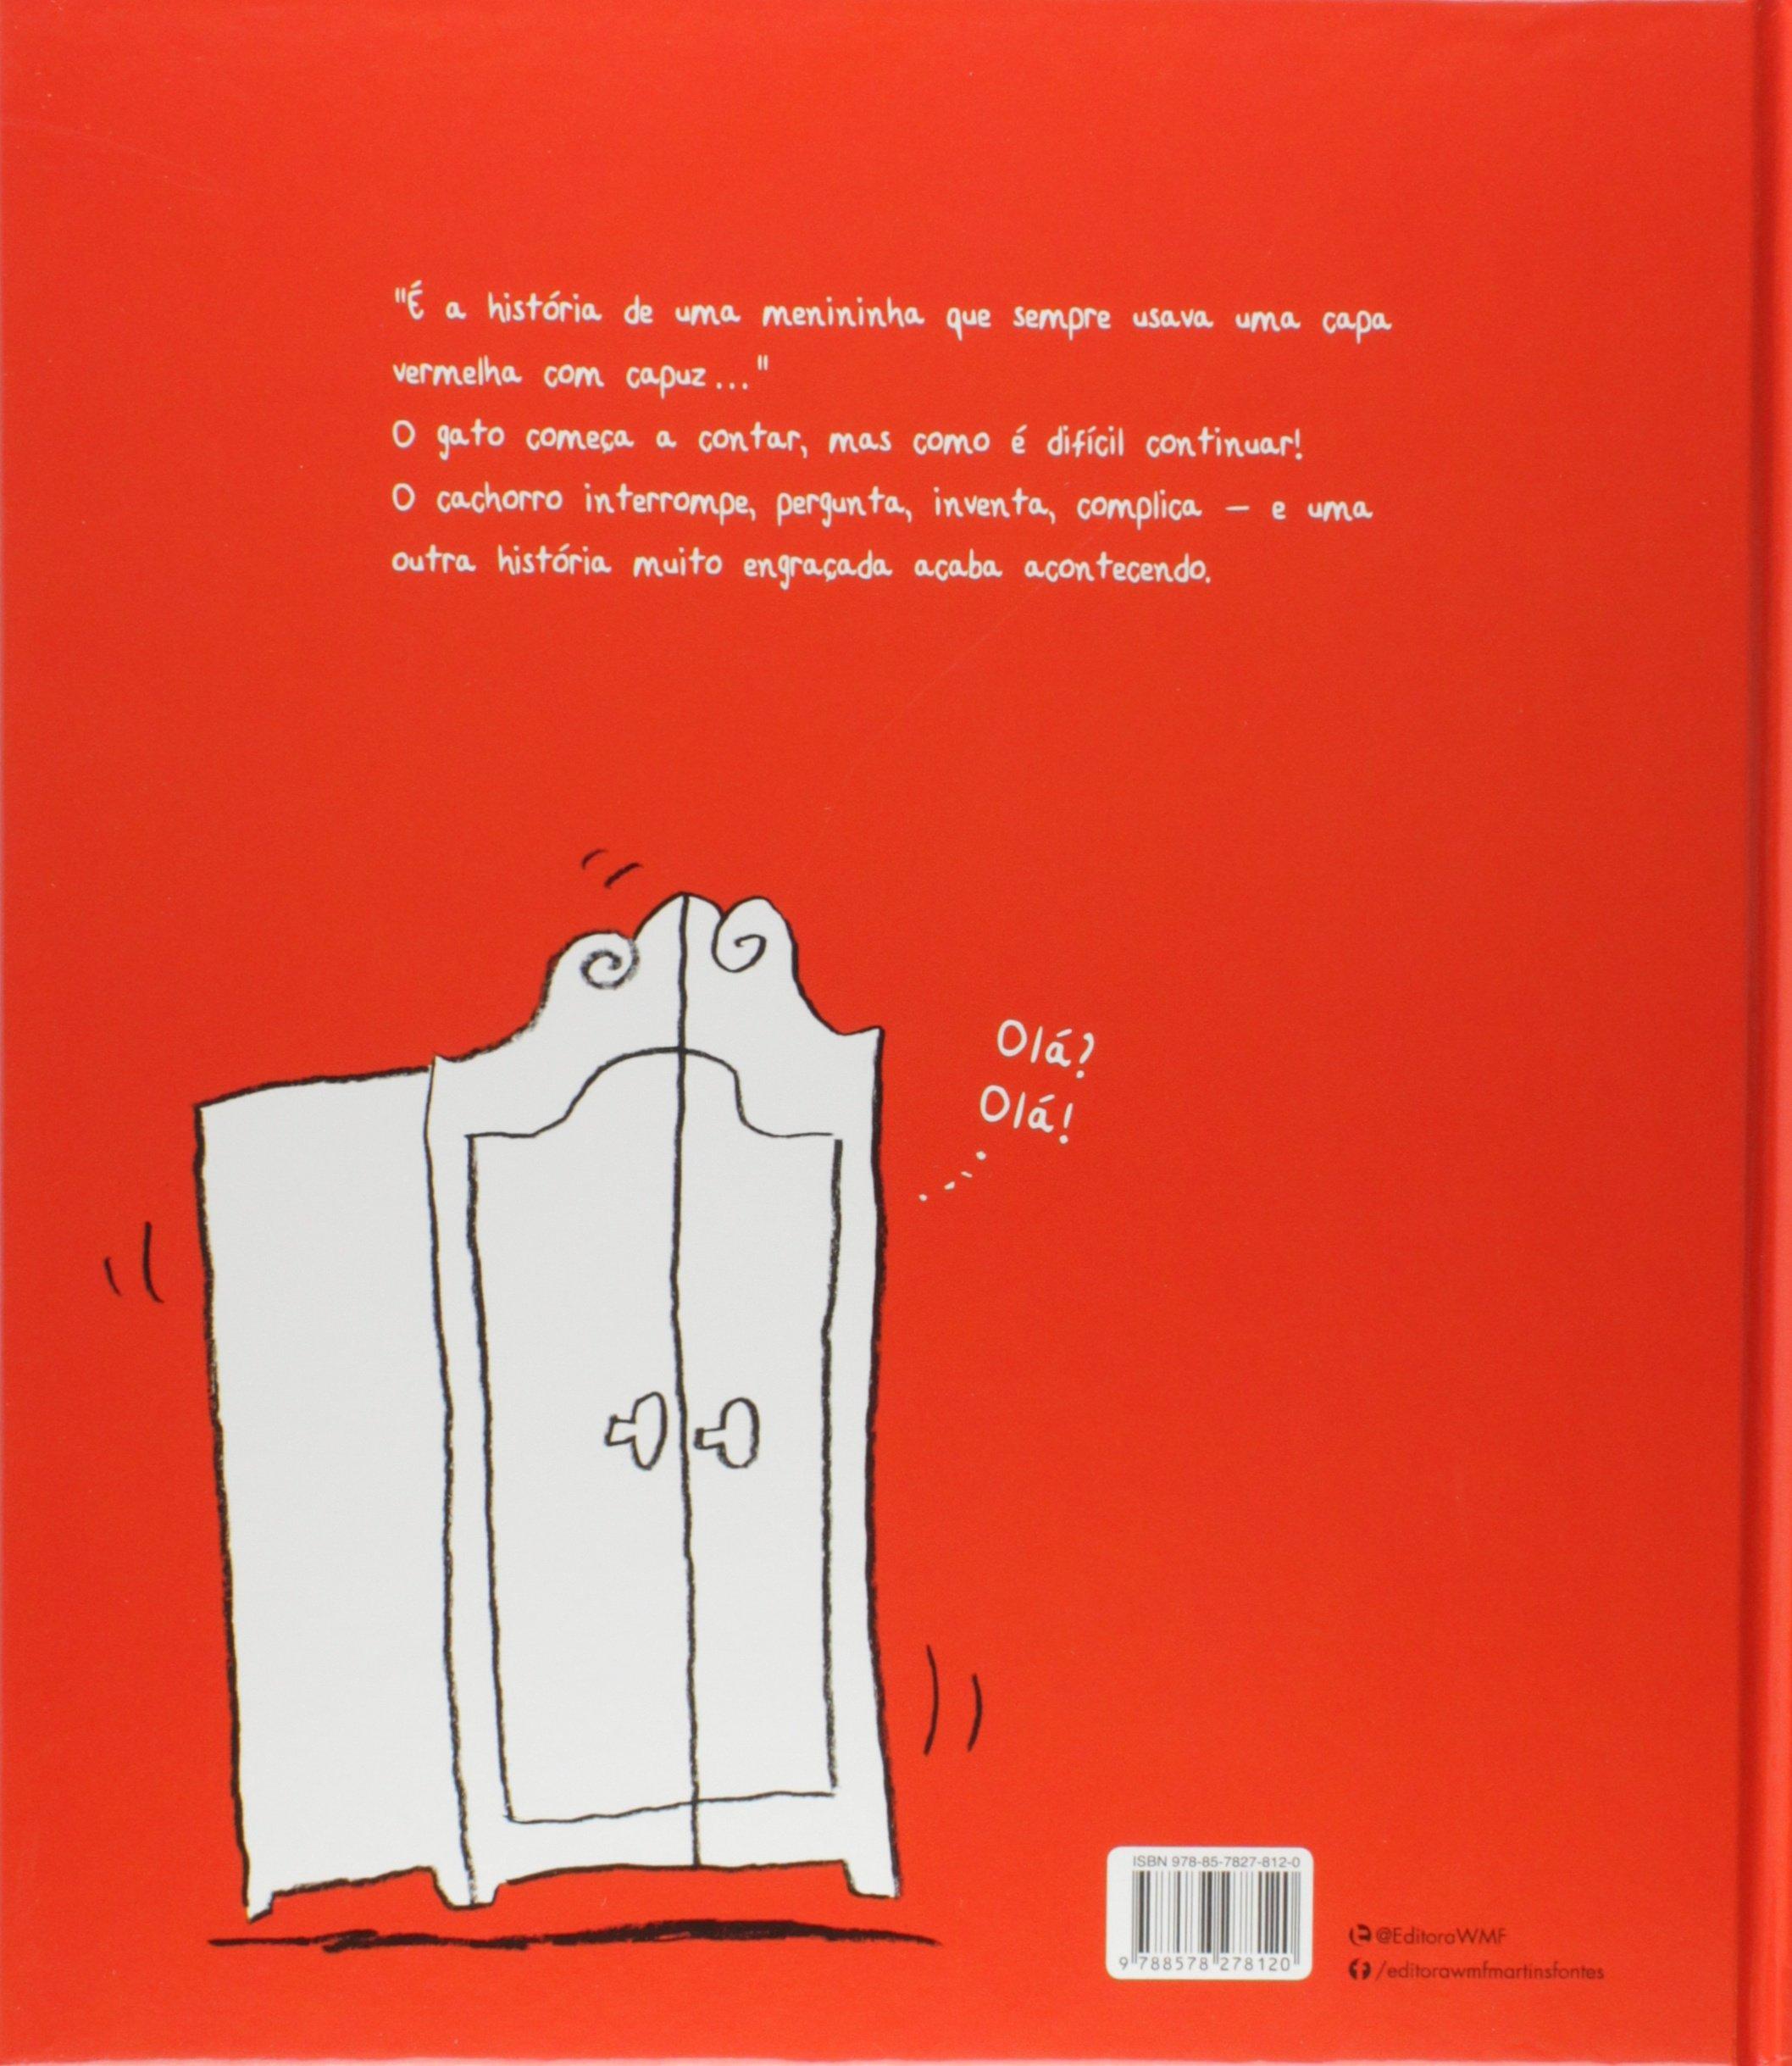 O Gato, o Cachorro, Chapeuzinho, os Ovos Explosivos, o Lobo e o Guarda-Roupa da Vovó (Em Portuguese do Brasil): Diane Fox: 9788578278120: Amazon.com: Books